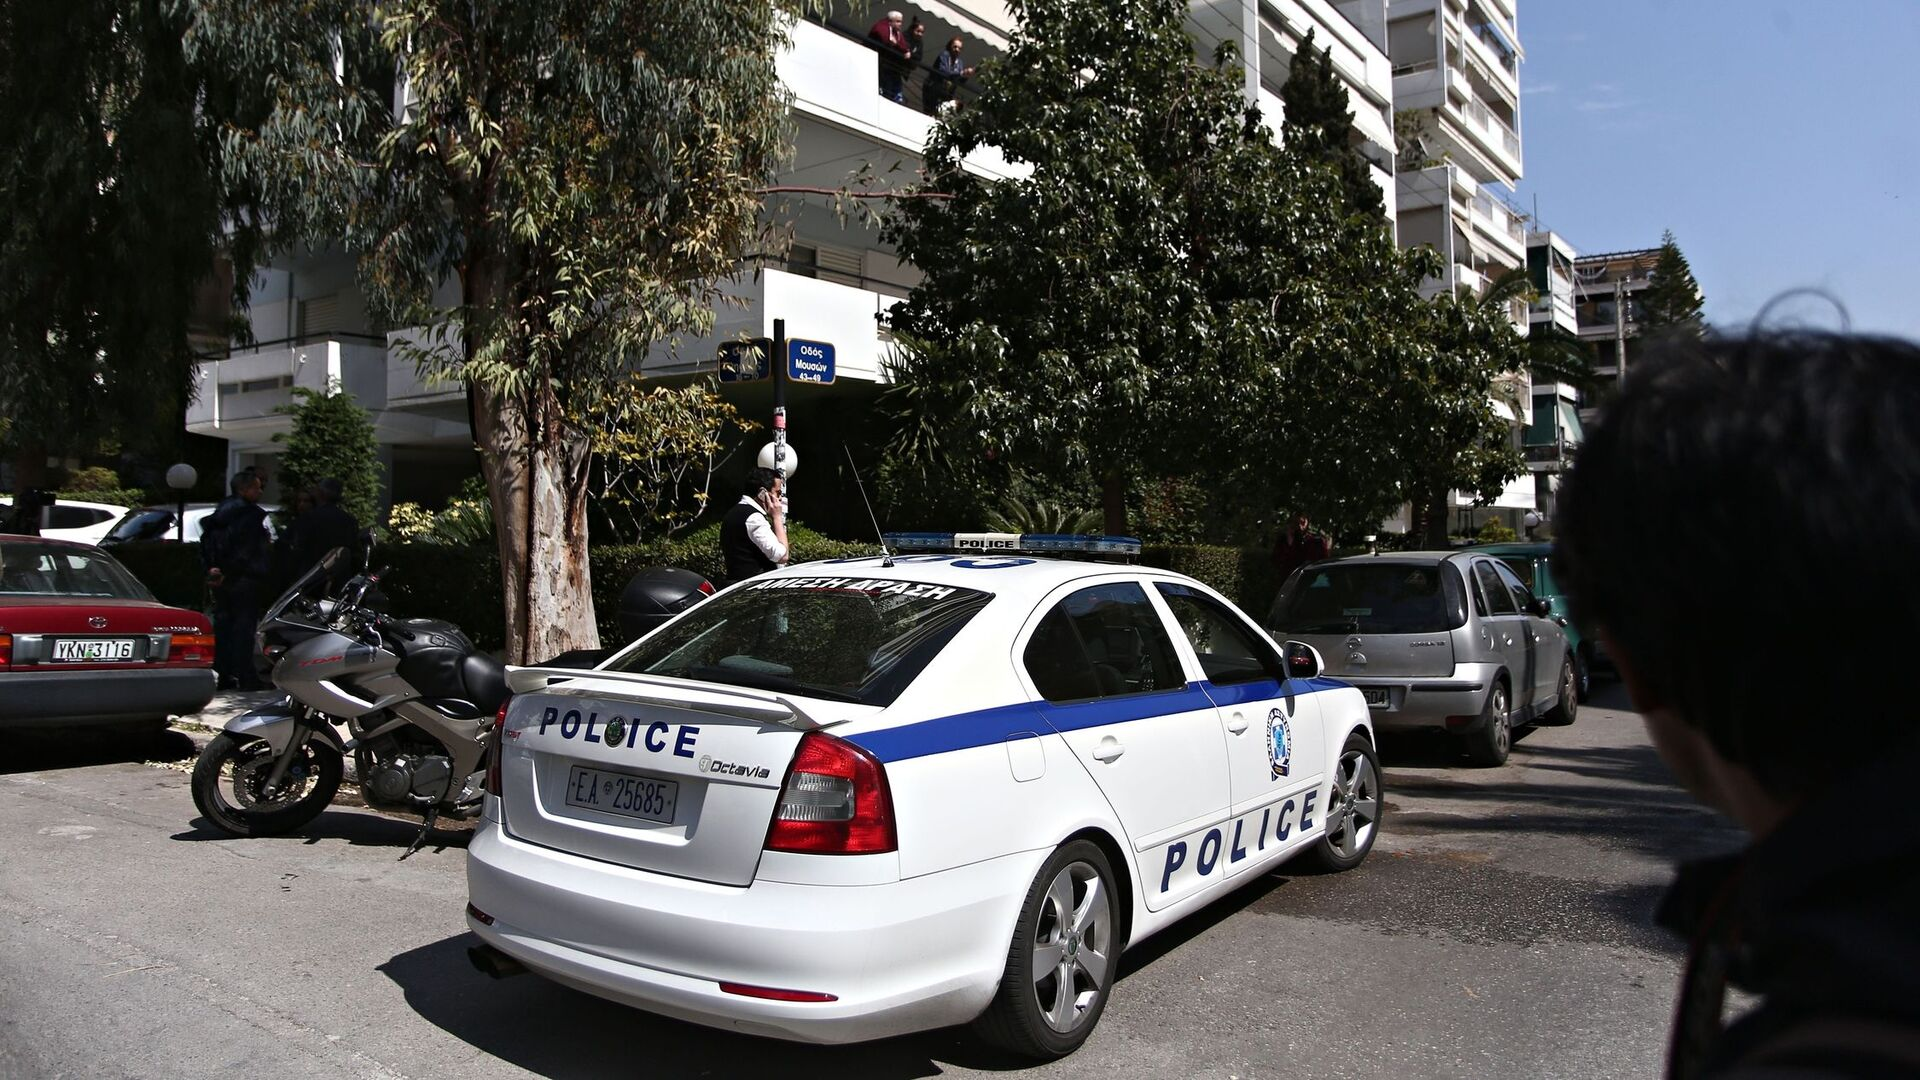 Αστυνομική επιχείρηση - Sputnik Ελλάδα, 1920, 11.10.2021